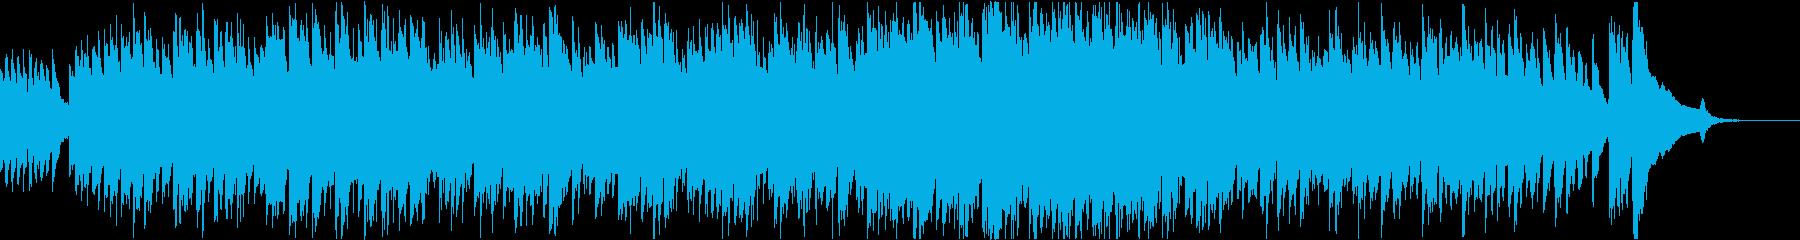 ハープシコードによる爽やかな感じのBGMの再生済みの波形